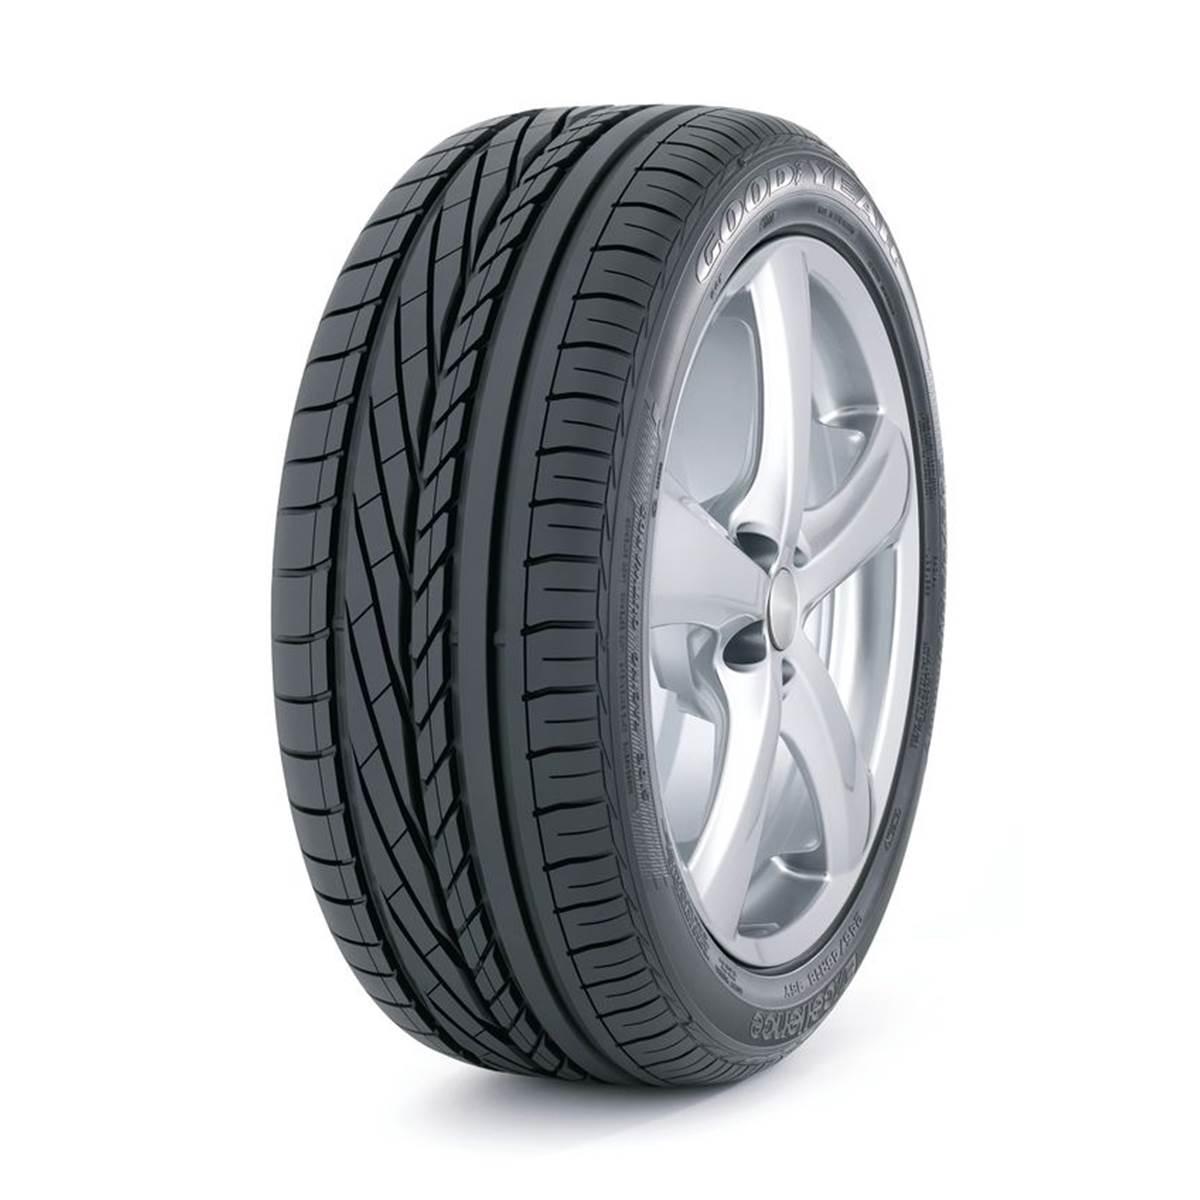 Pneu Runflat Goodyear 245/40R20 99Y Excellence XL